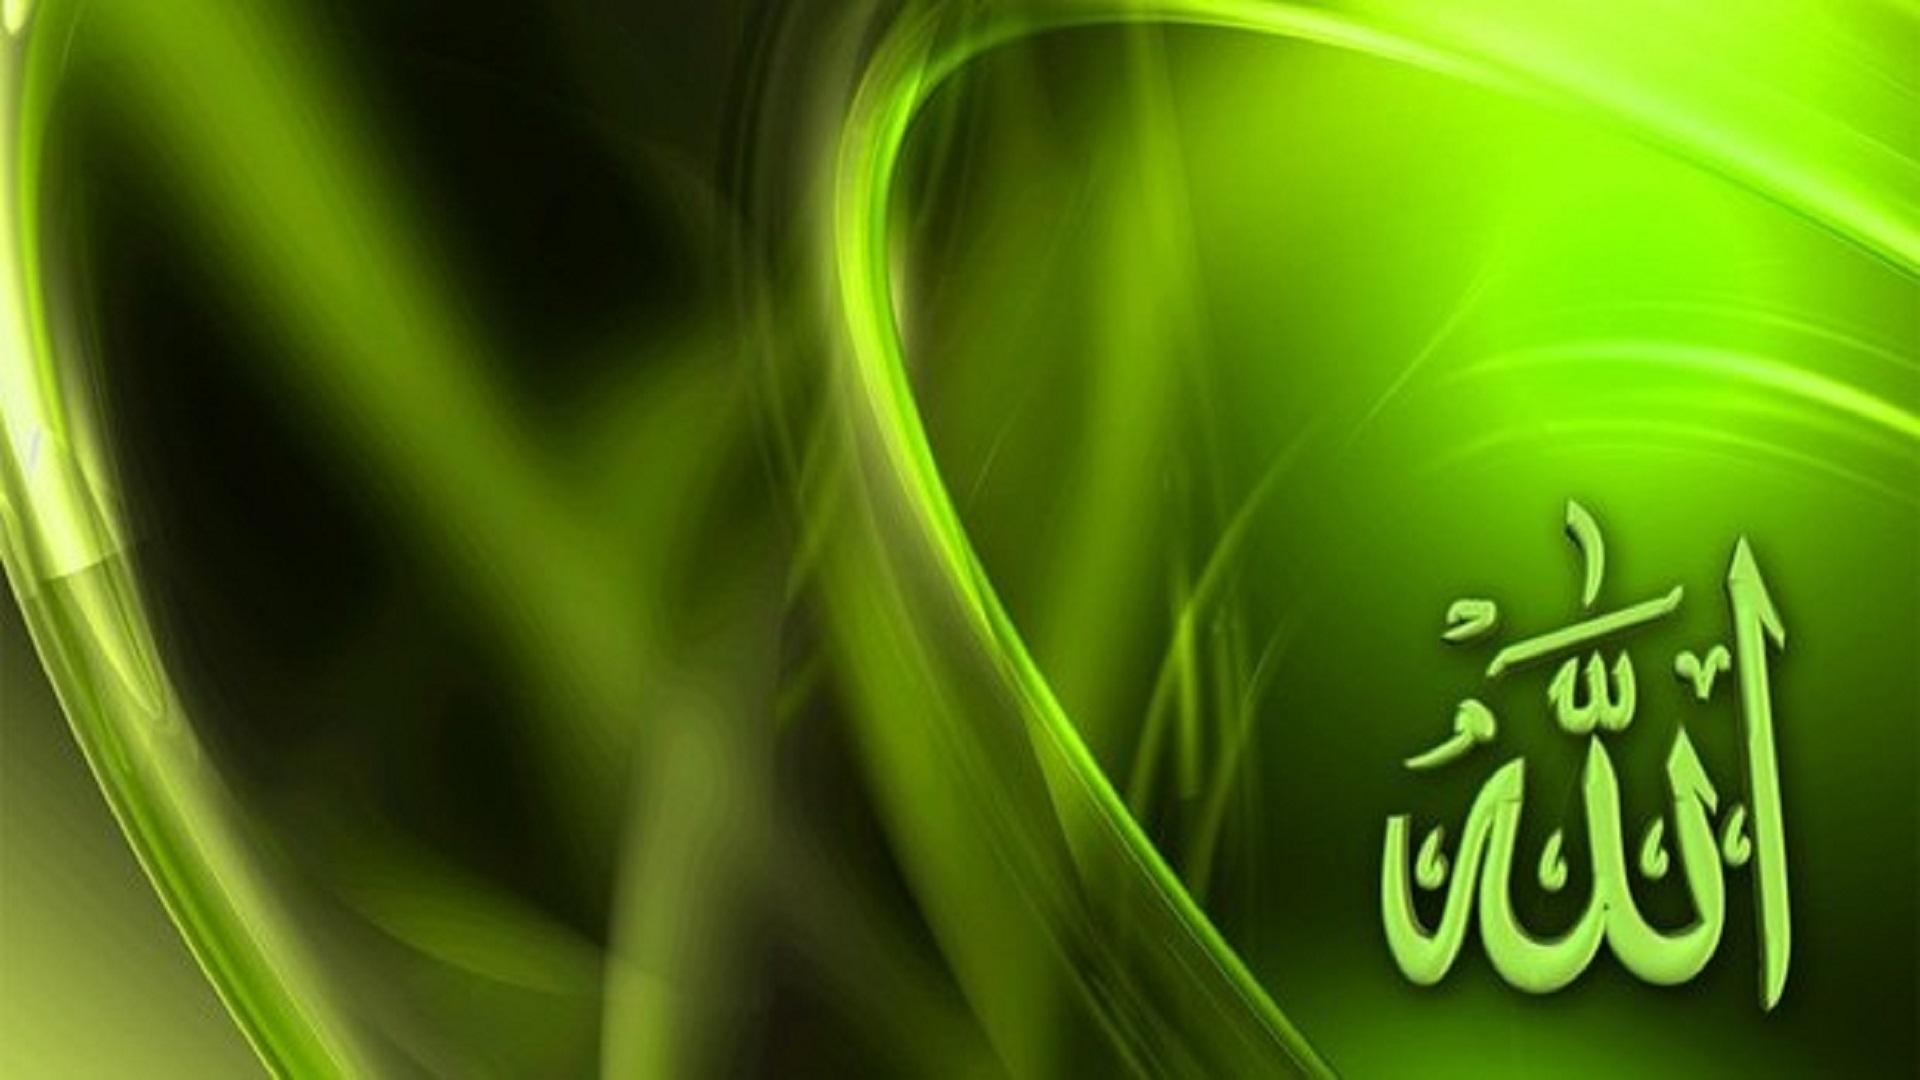 allah pak name free hd wallpaper hd wallpaper